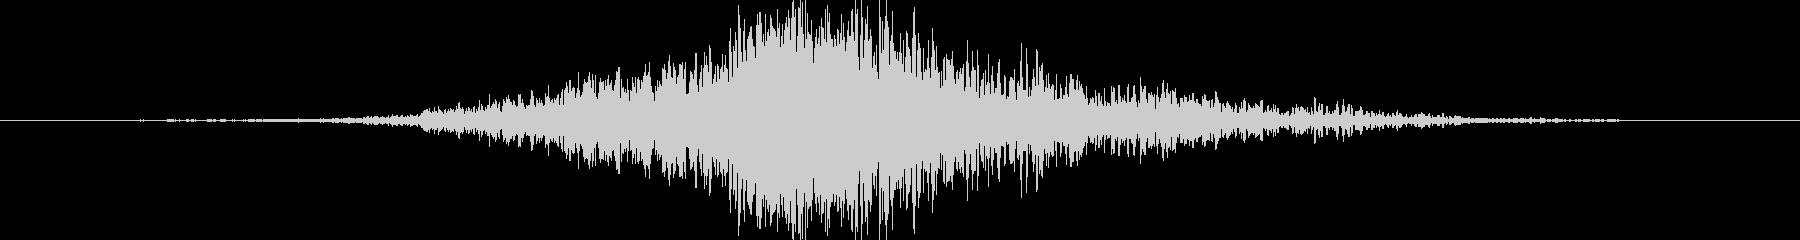 シューどーん:勢いよくその場を去る音の未再生の波形